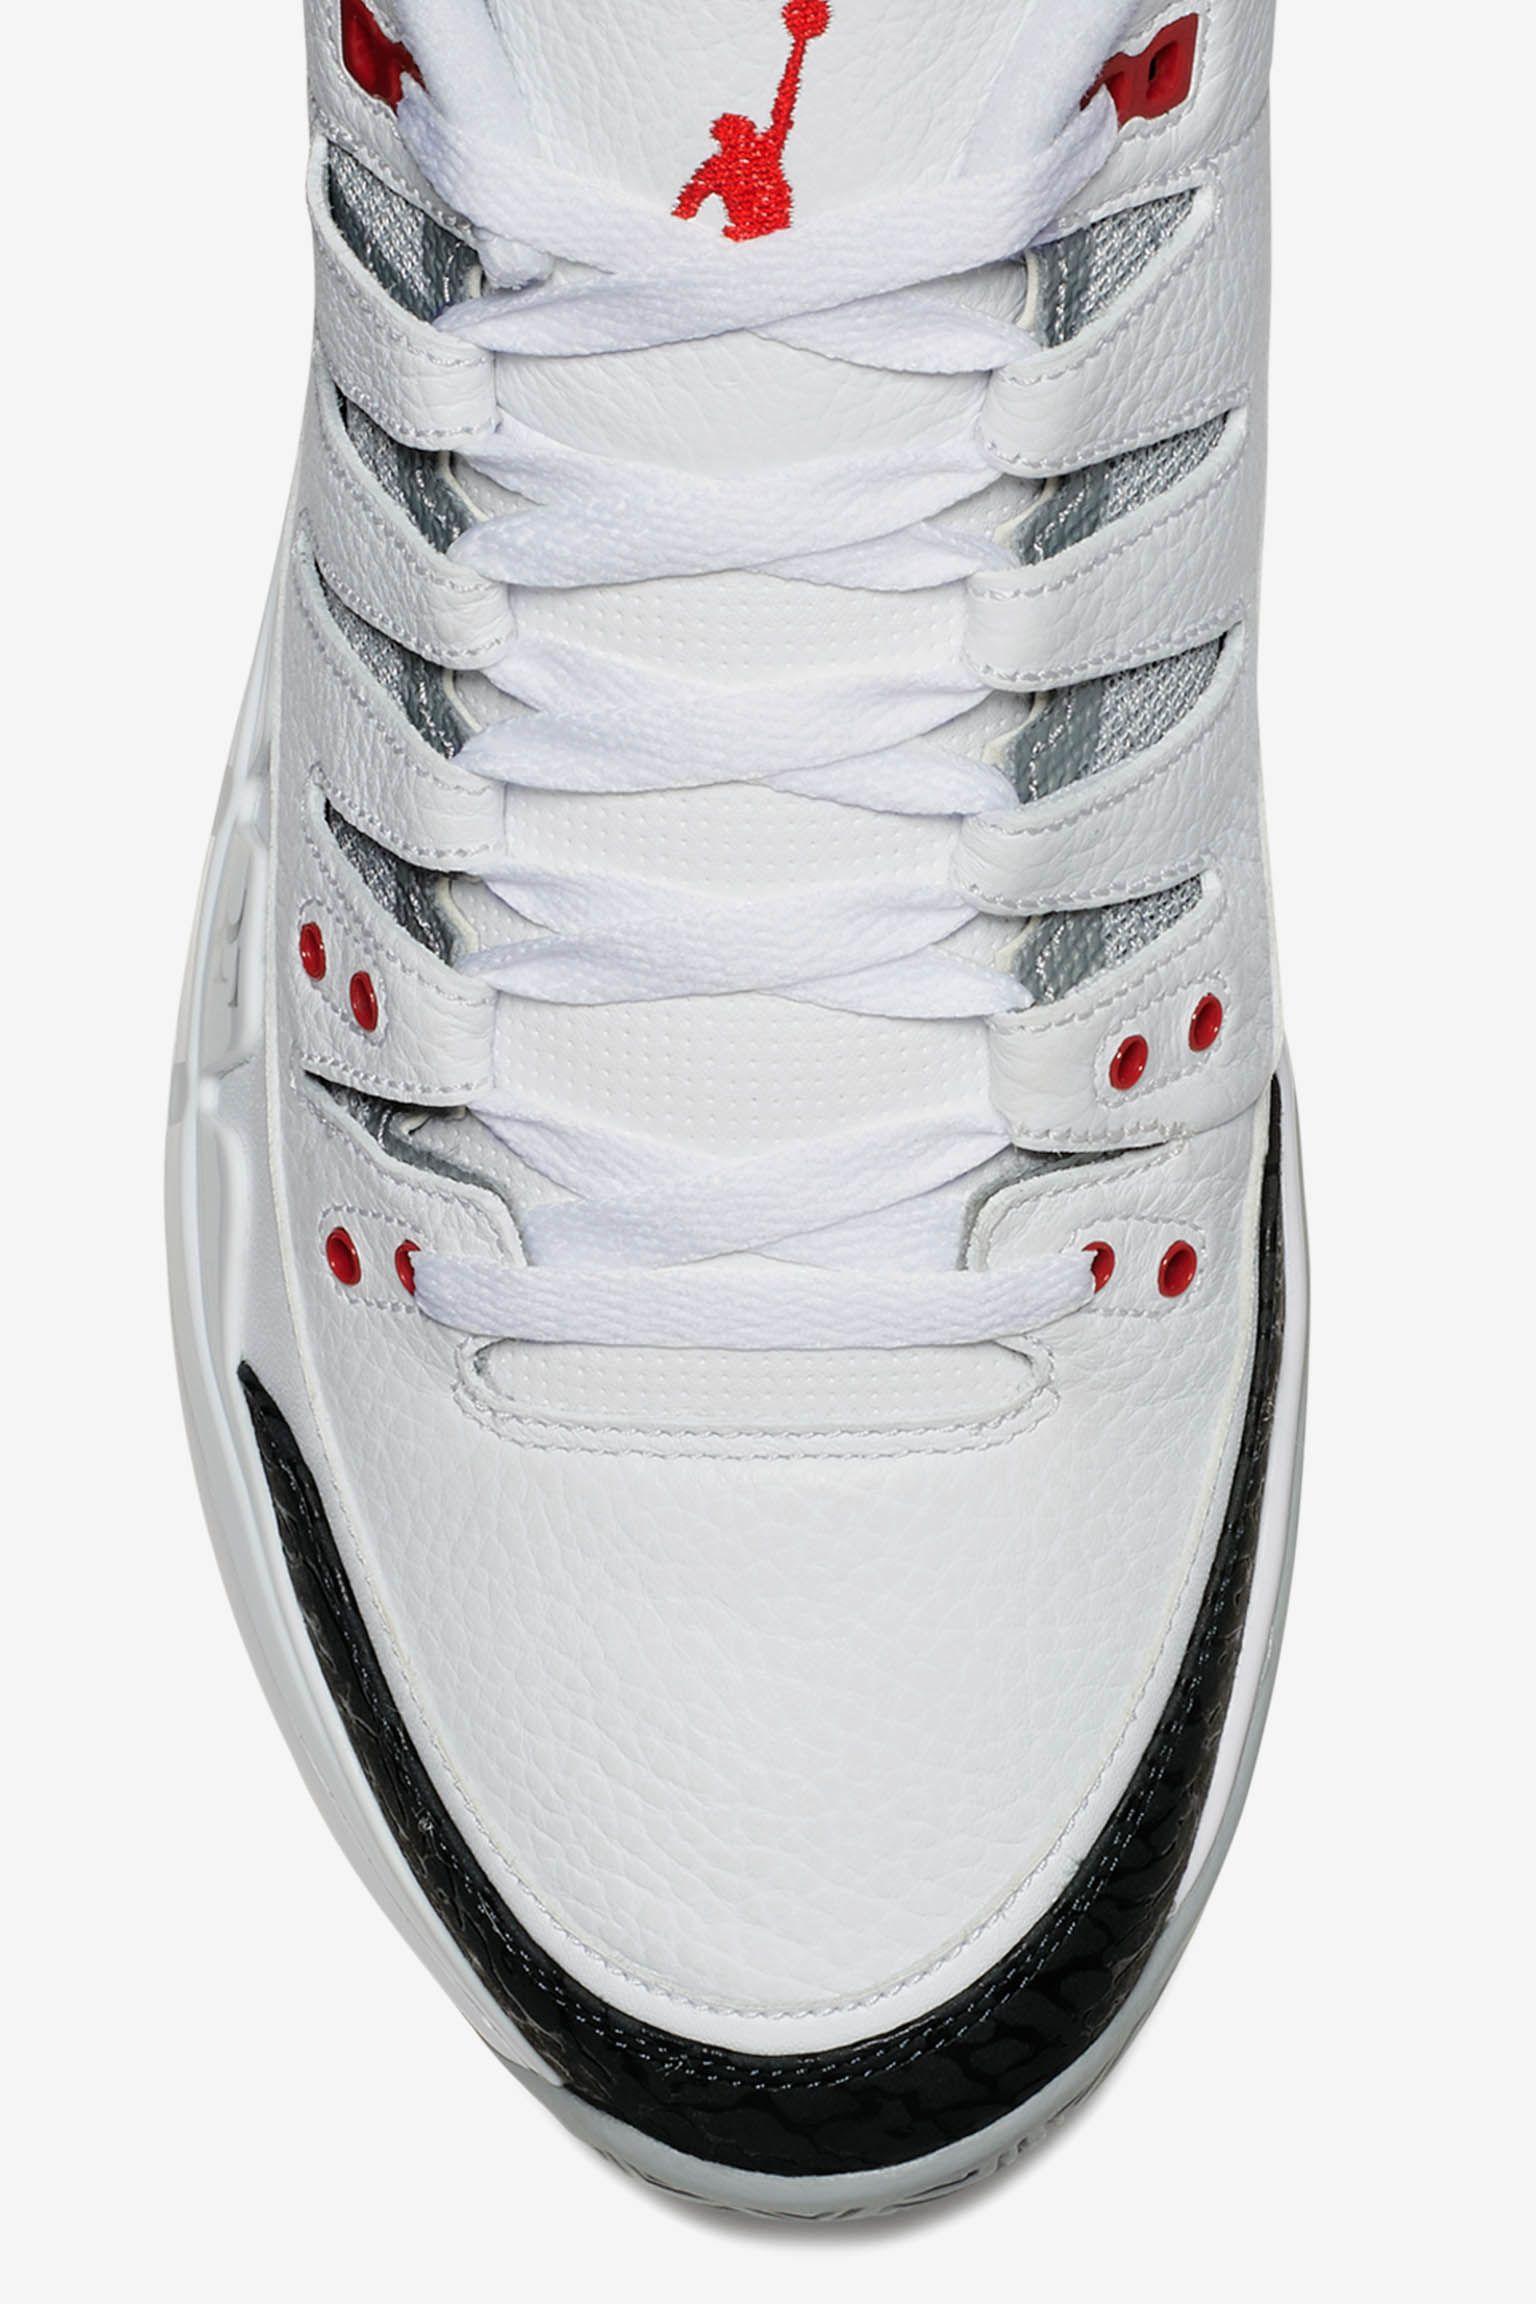 NikeCourt Zoom Vapor RF x AJ3 'Fire Red'